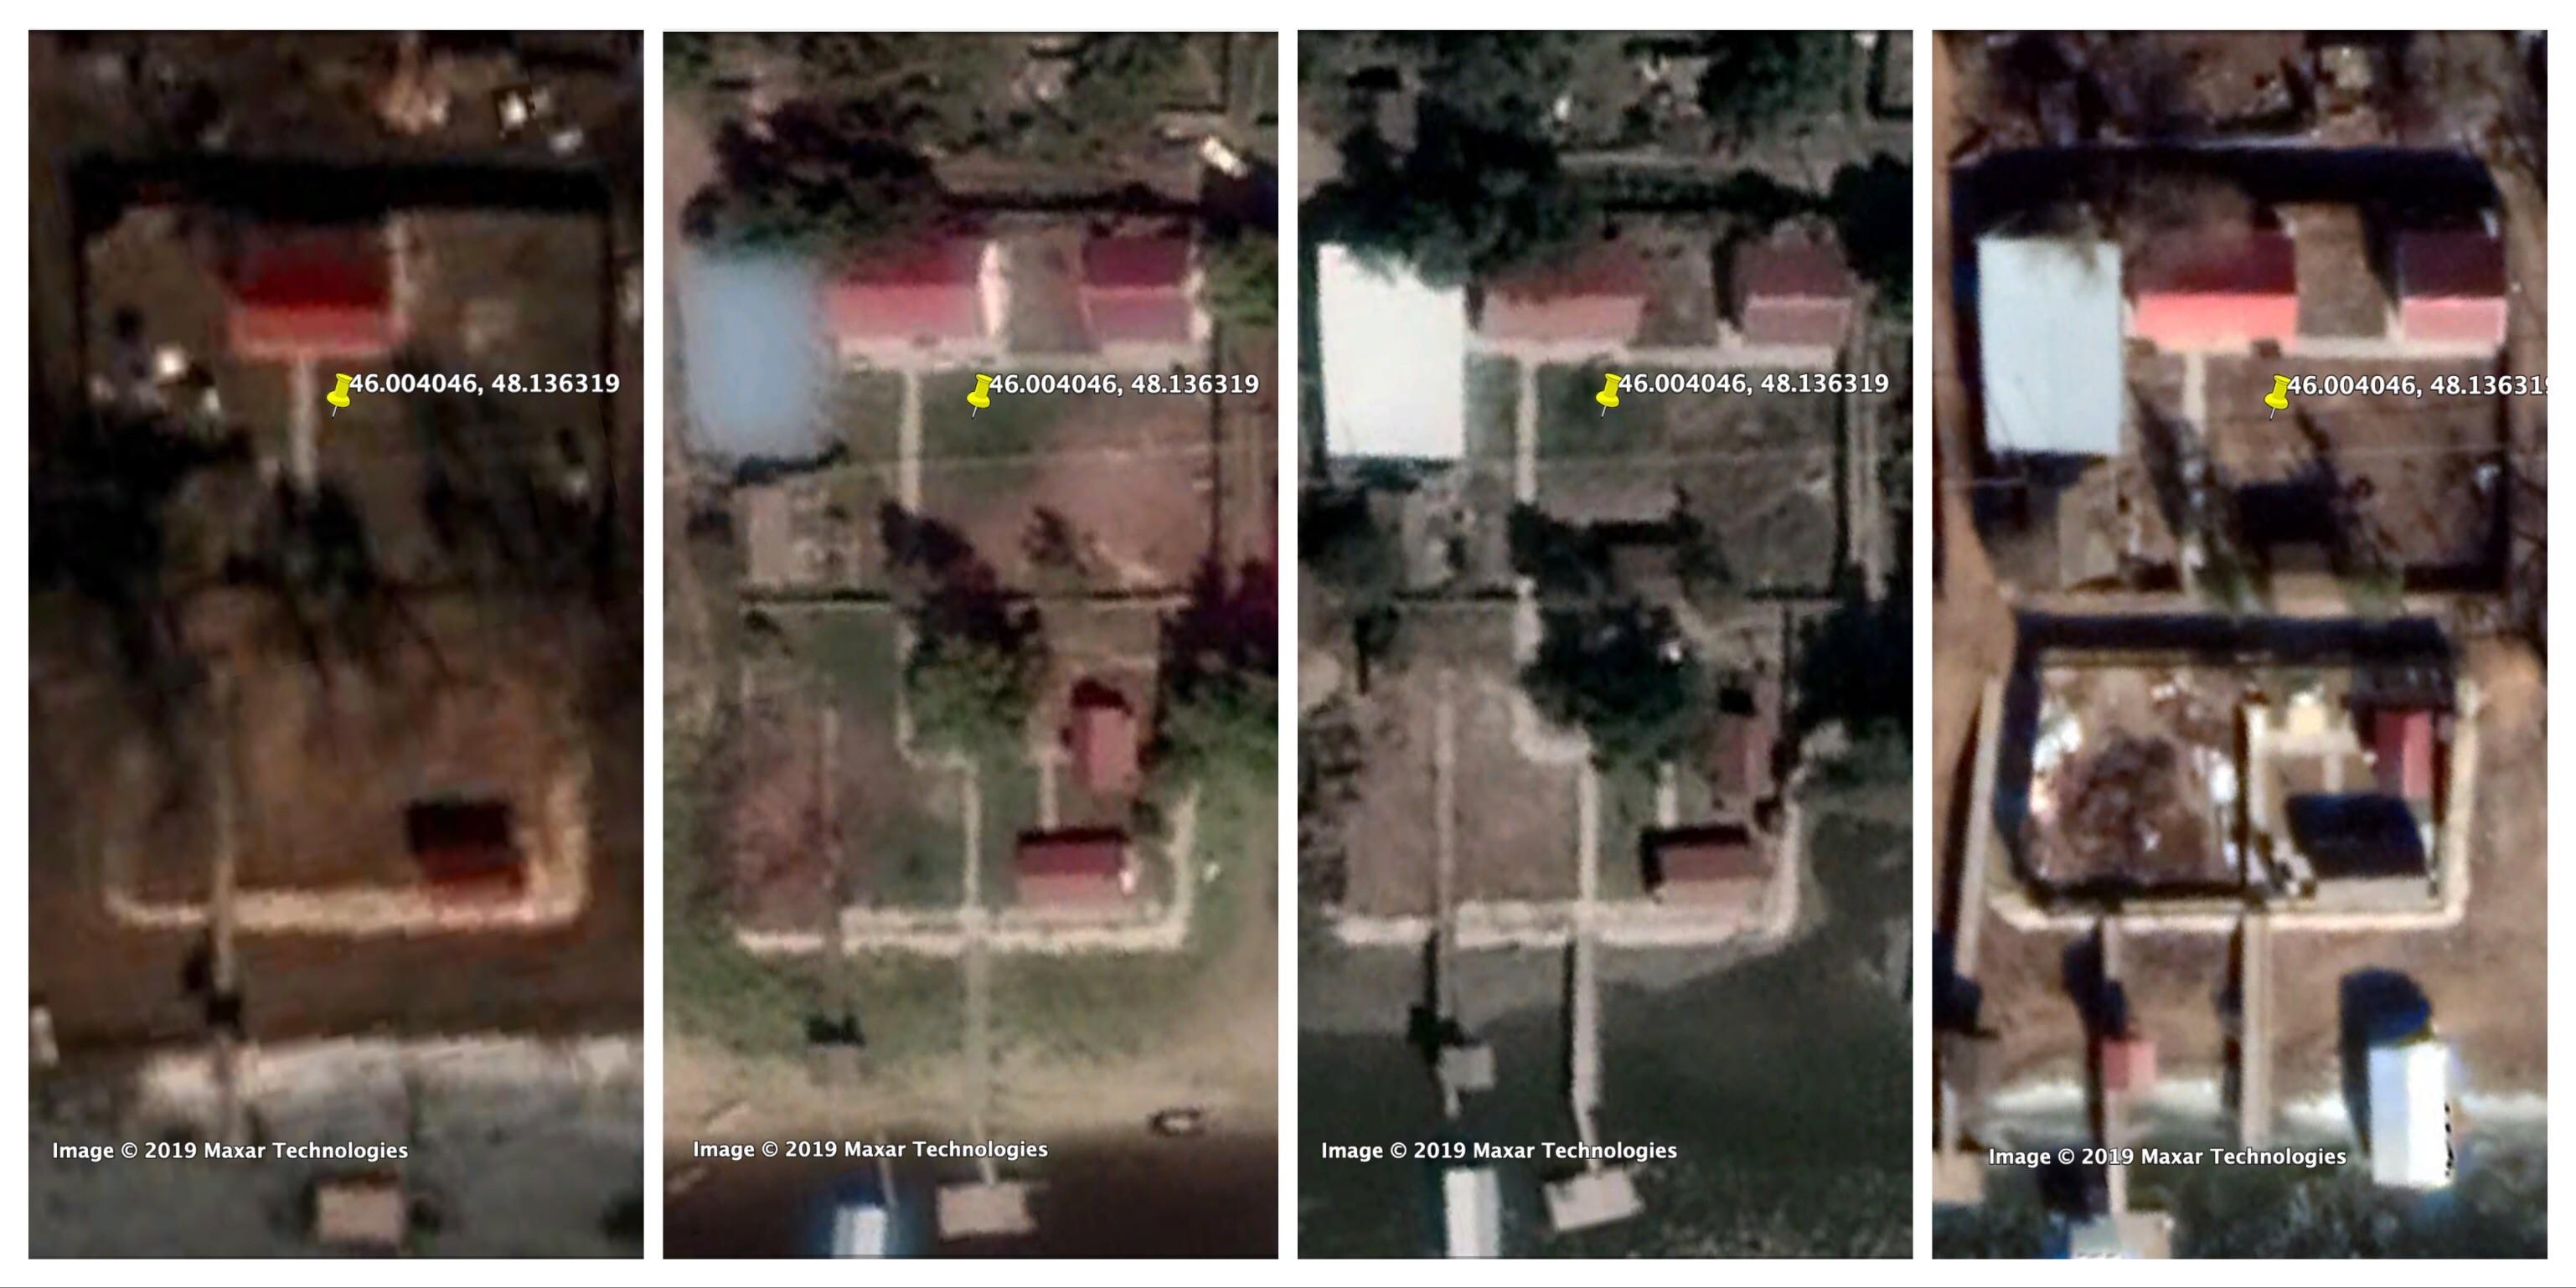 Тот самый новый участок, выросший на берегу реки, в хронологии с 2011 по 2019 год. Фото © Google Earth